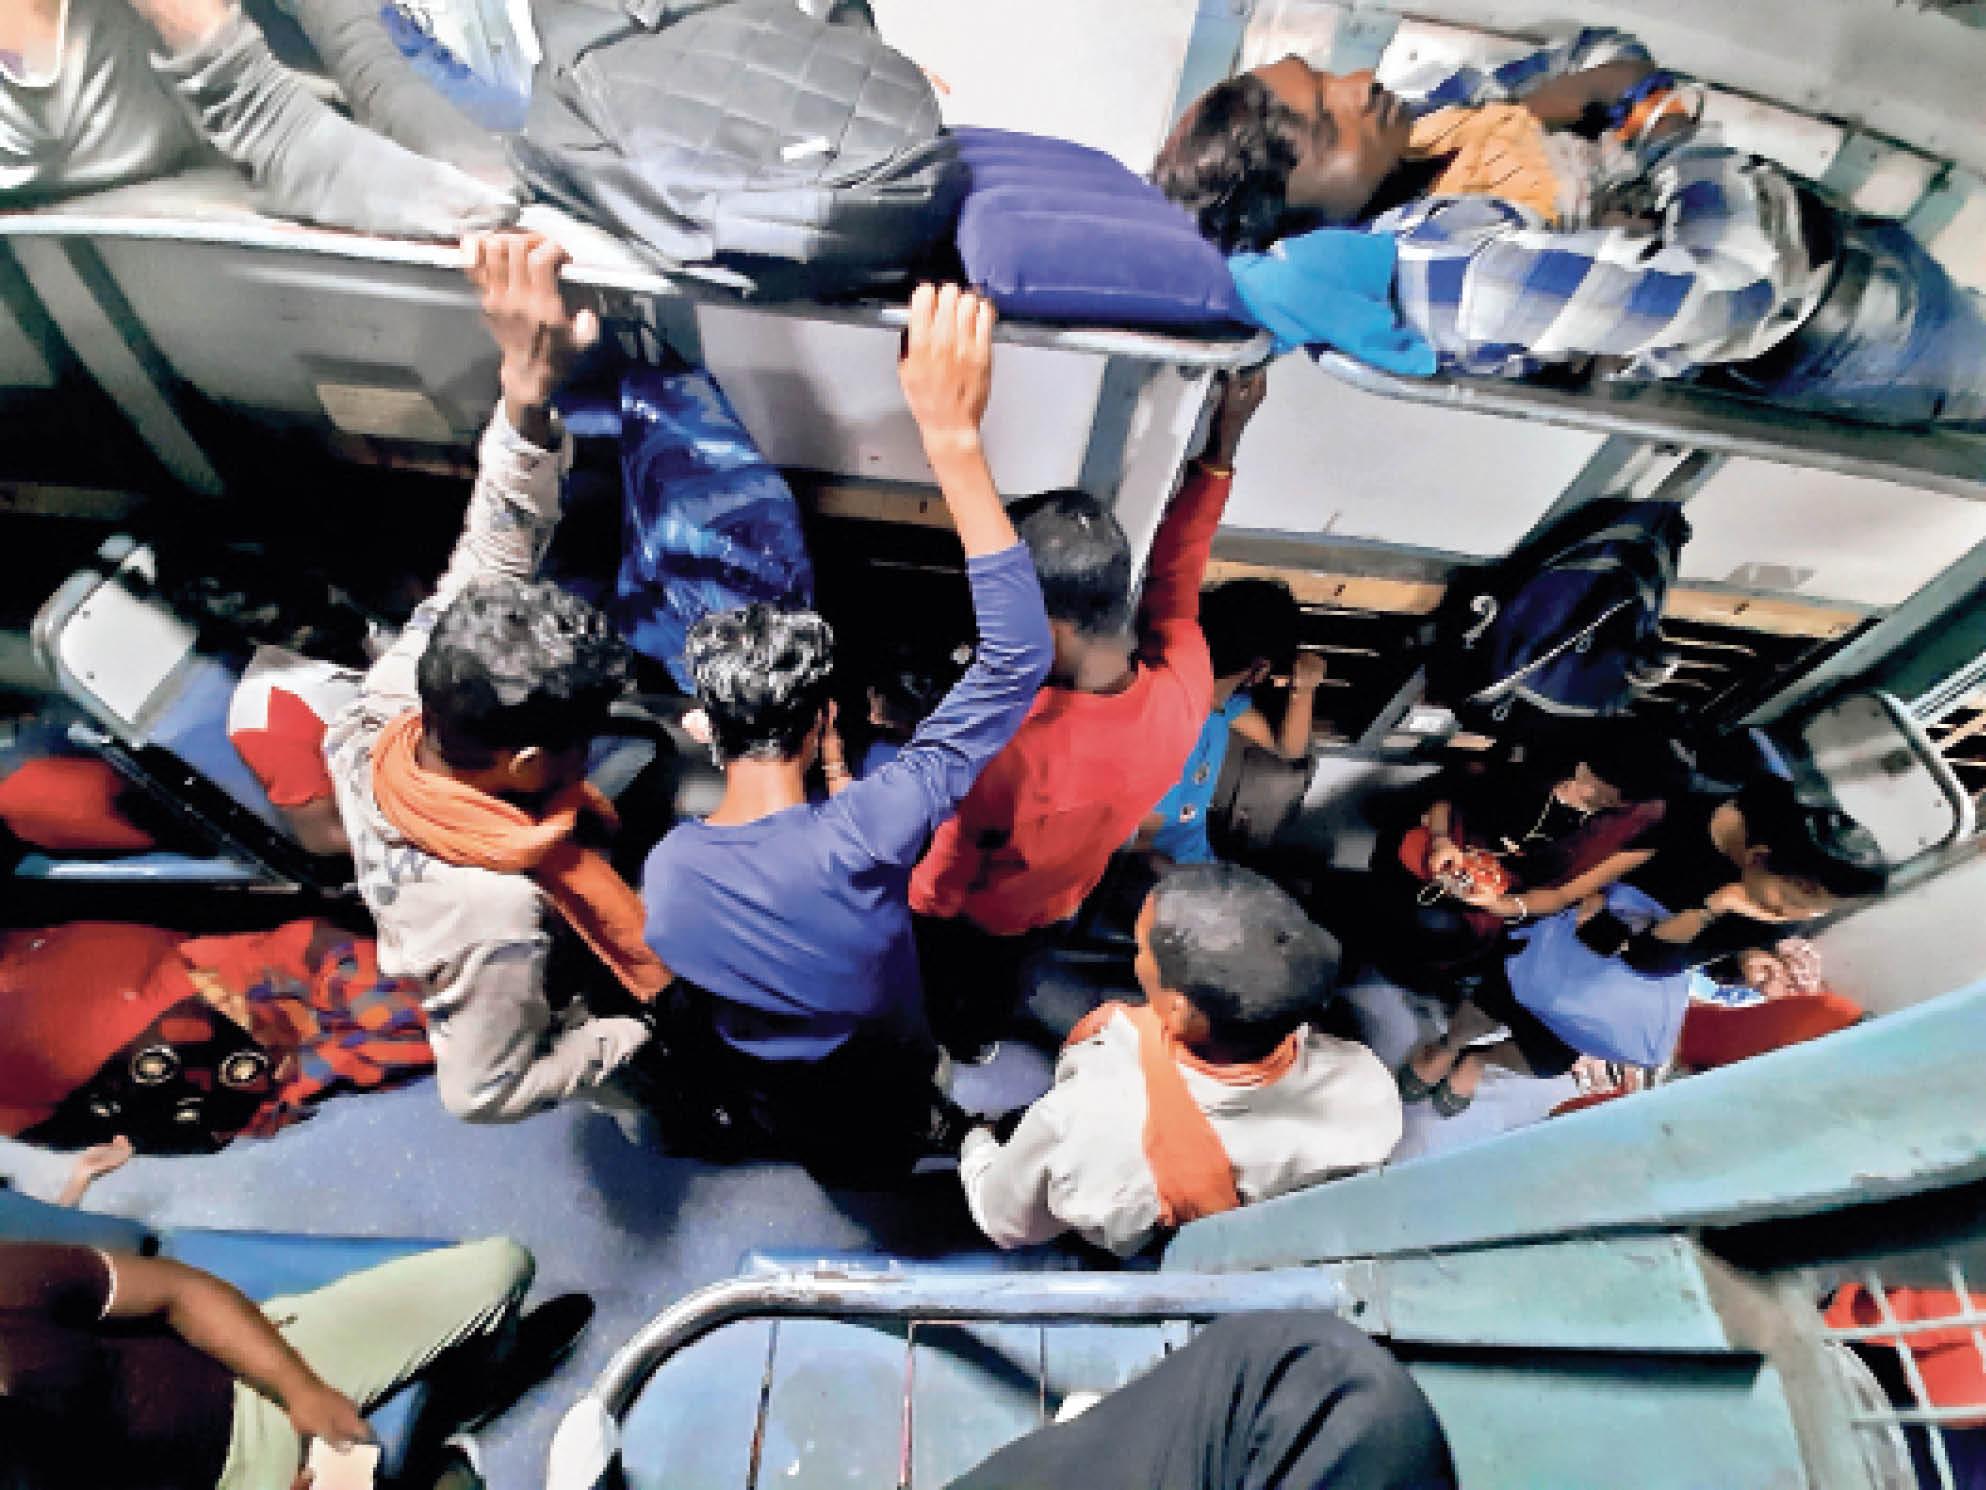 केंद्र की चिट्ठी लापरवाही से बढ़ रहा खतरा; राजधानी के बाजार और स्टेशन में बेतरतीब भीड़|रायपुर,Raipur - Dainik Bhaskar